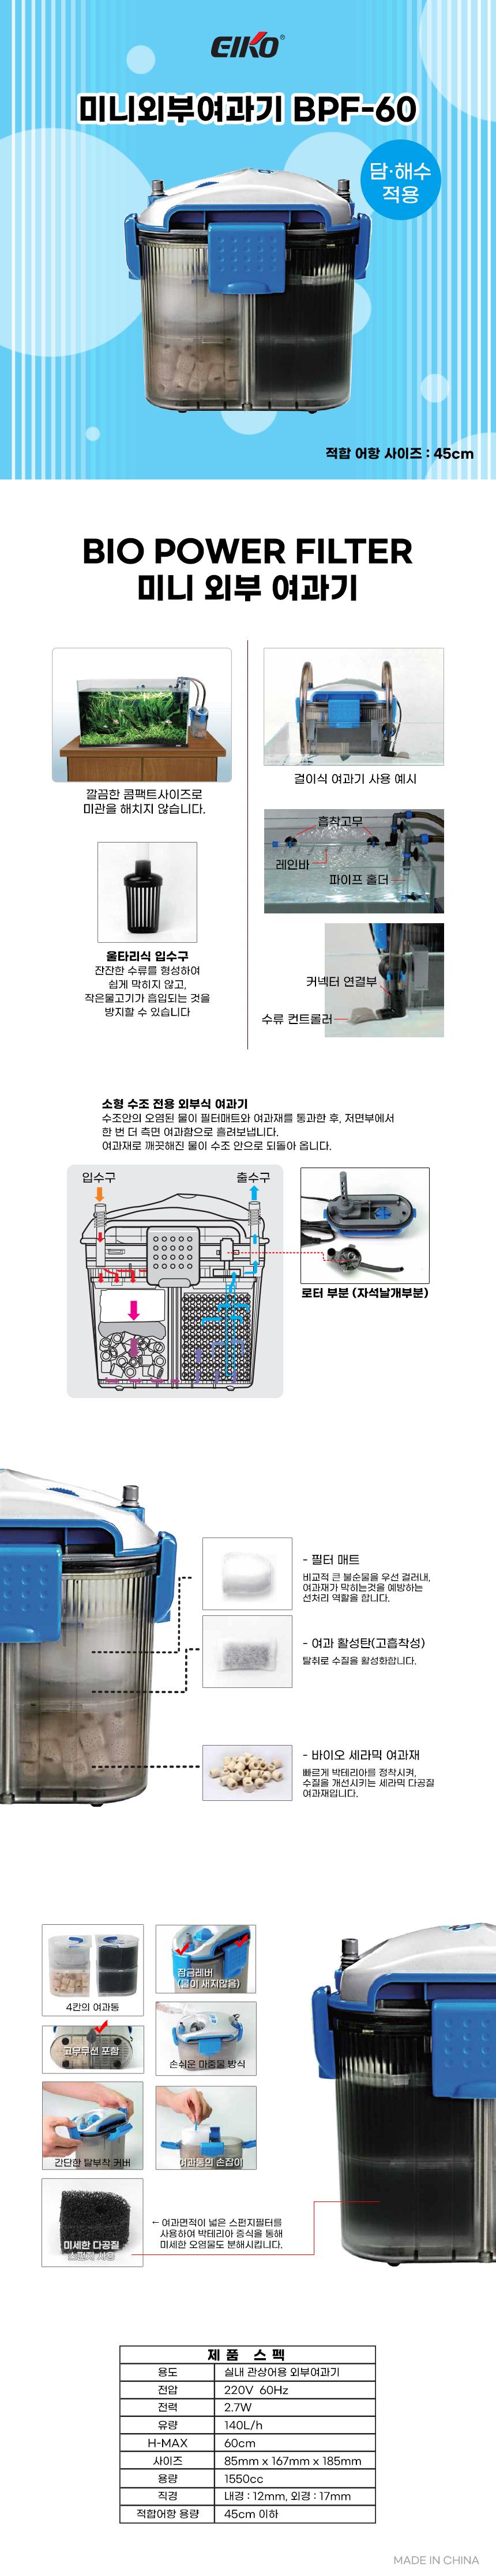 EIKO 에이코 수족관용 미니외부여과기 BPF-6052,000원-스타릿1펫샵, 관상어용품, 부속품, 여과기바보사랑EIKO 에이코 수족관용 미니외부여과기 BPF-6052,000원-스타릿1펫샵, 관상어용품, 부속품, 여과기바보사랑